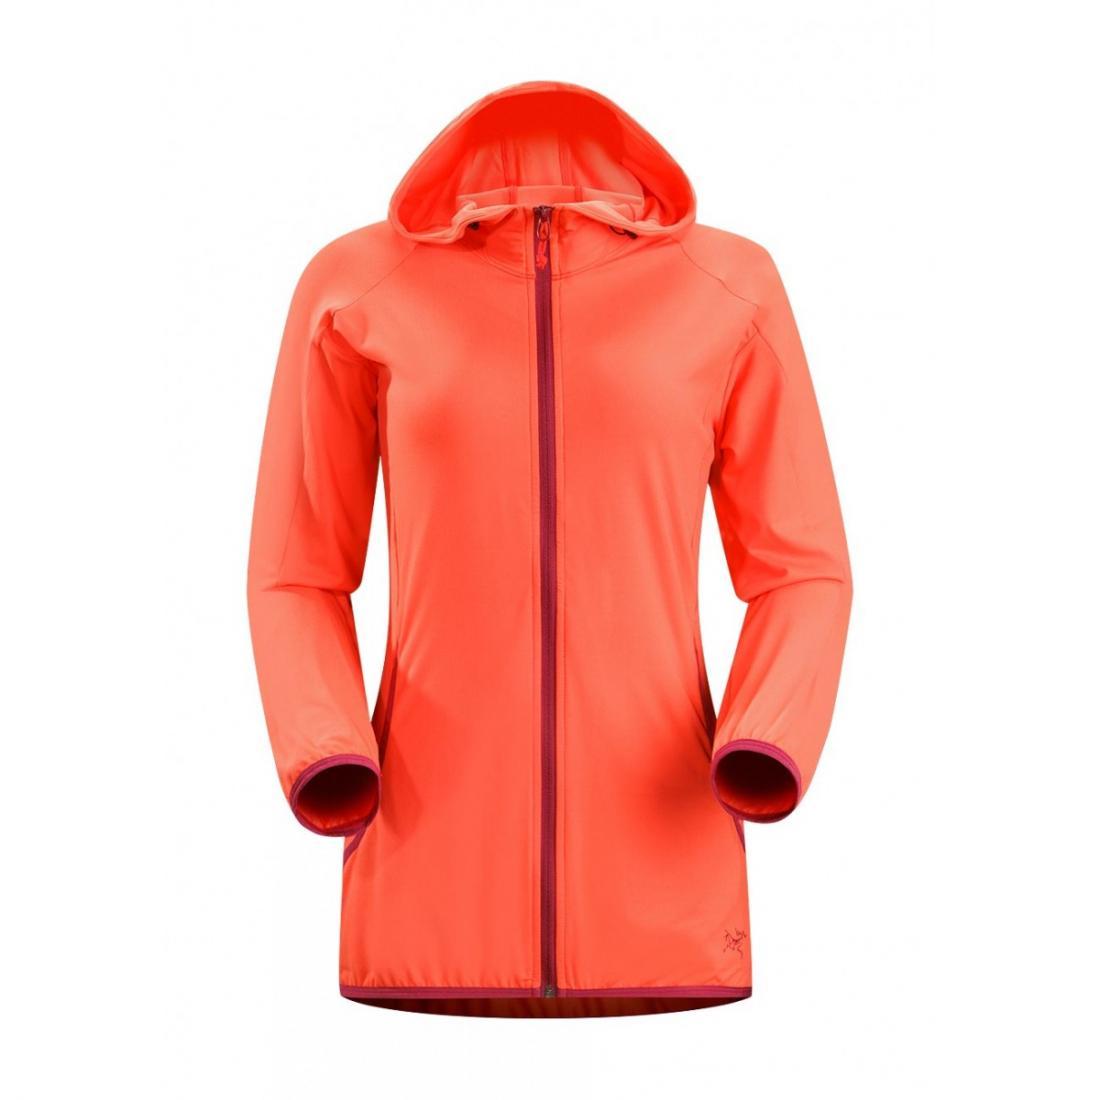 Куртка Soltera Hoody жен.Куртки<br>ХАРАКТЕРИСТИКА<br><br> Удобная куртка с капюшоном сделана из эластичного дышащего трикотажа с ворсованной изнаночной поверхностью, добавл...<br><br>Цвет: Красный<br>Размер: L